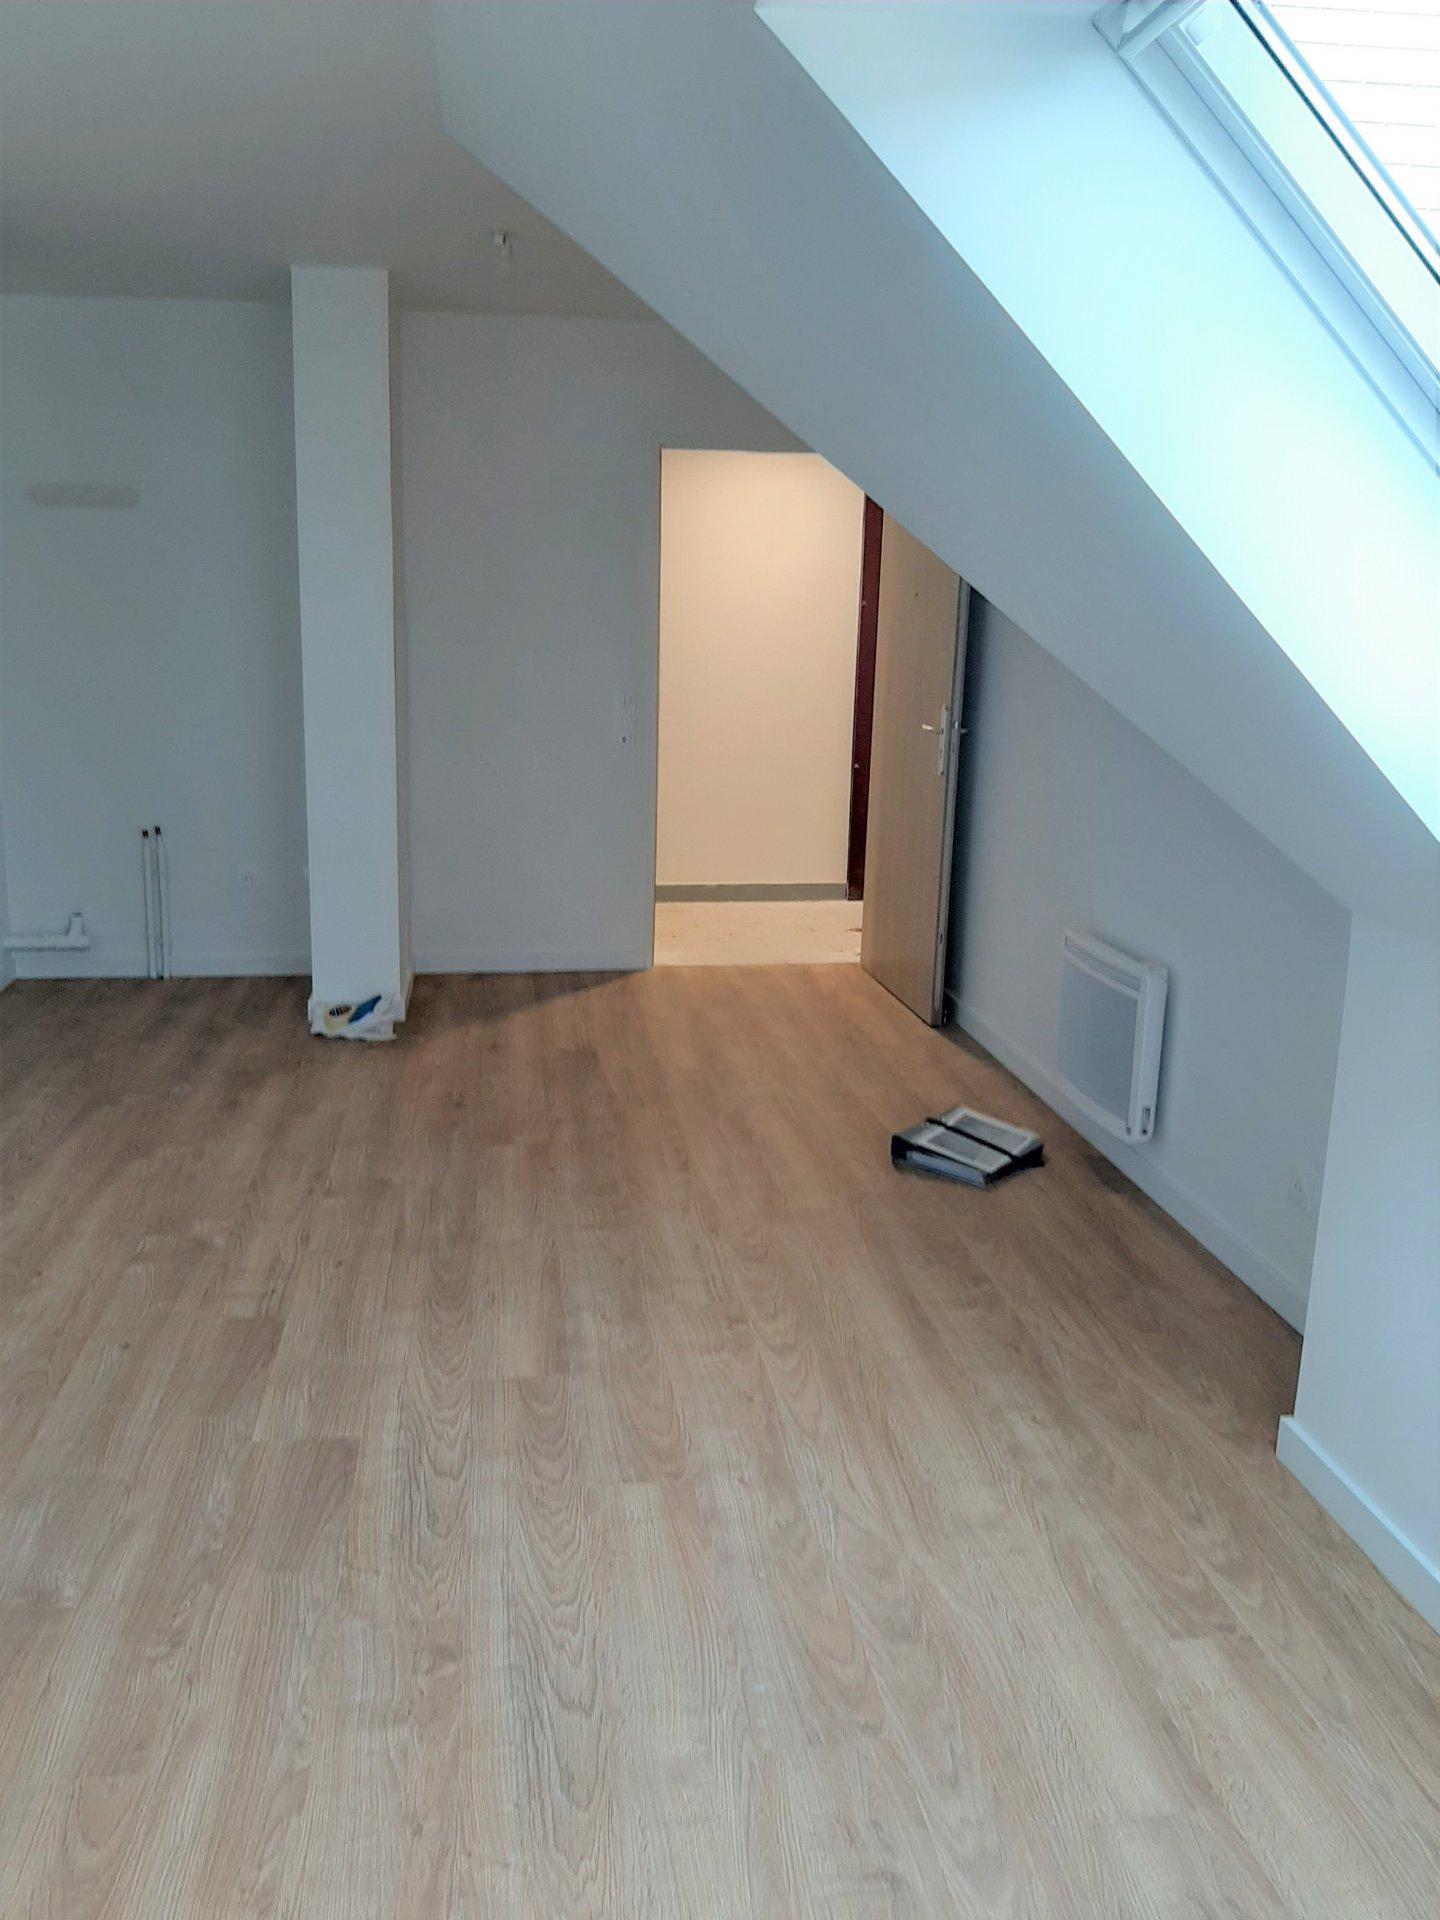 Appartement T1 - Centre ville - BOIS GUILLAUME BIHOREL